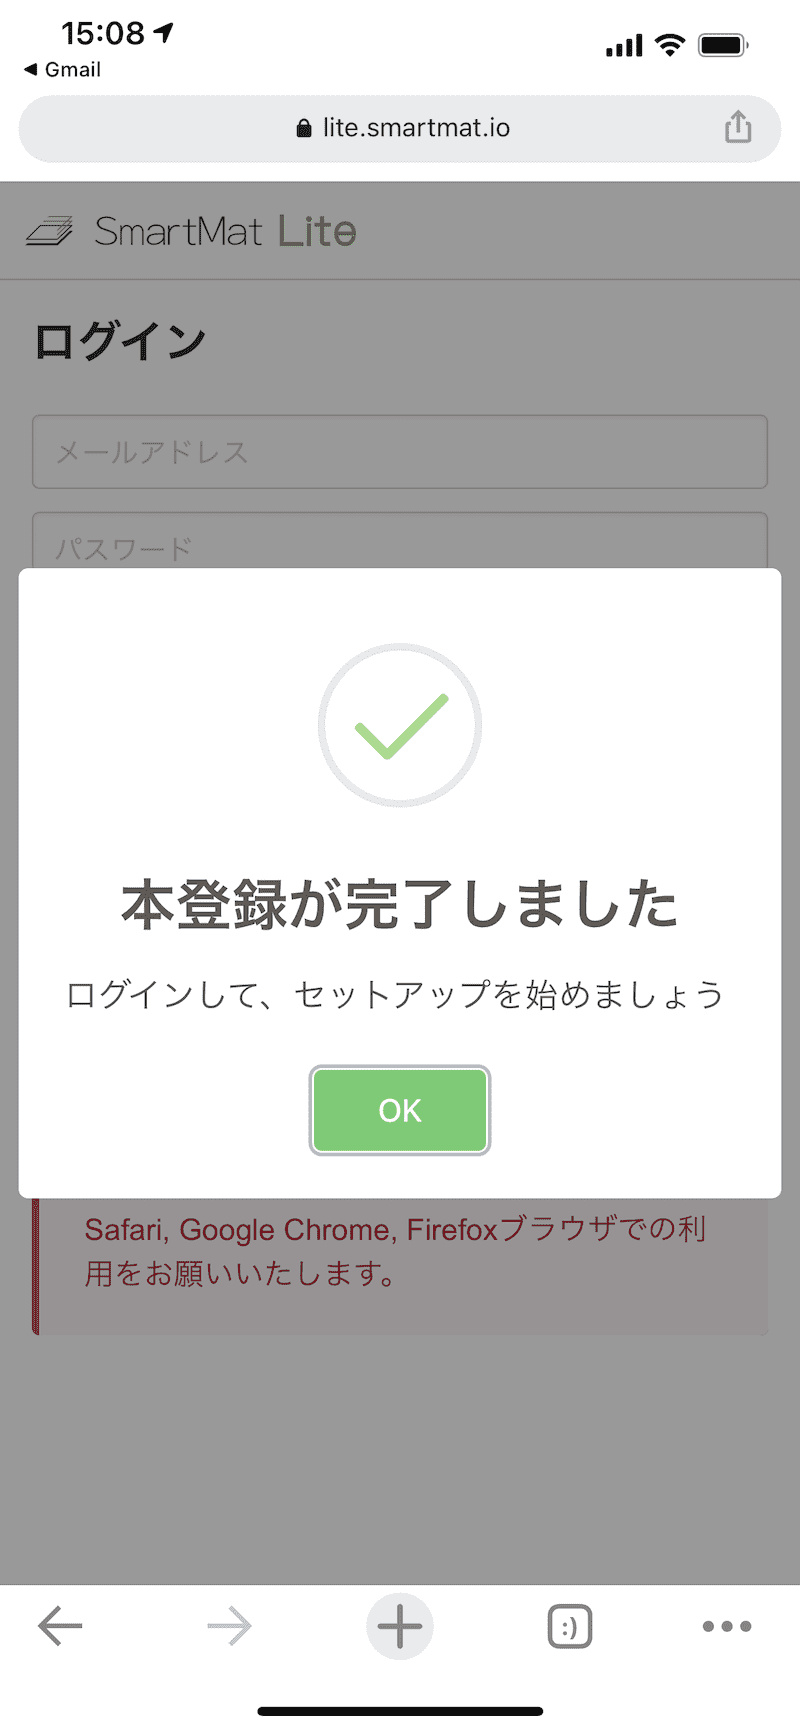 スマートマットライトのアカウント本登録完了時に表示されるスクリーンショット